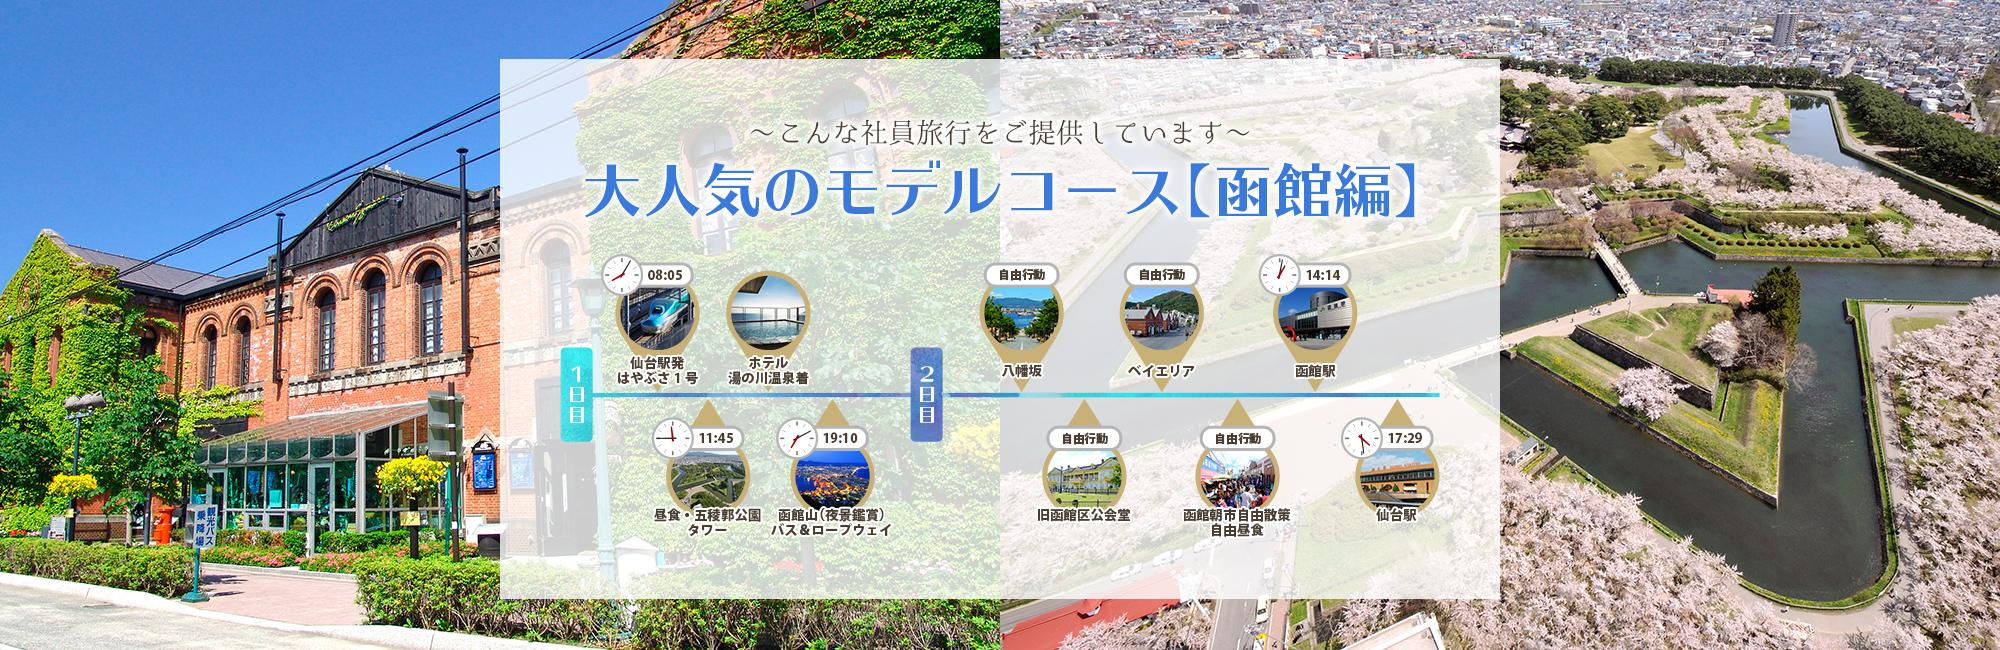 函館に行く国内社員旅行【モデルコース決定版】